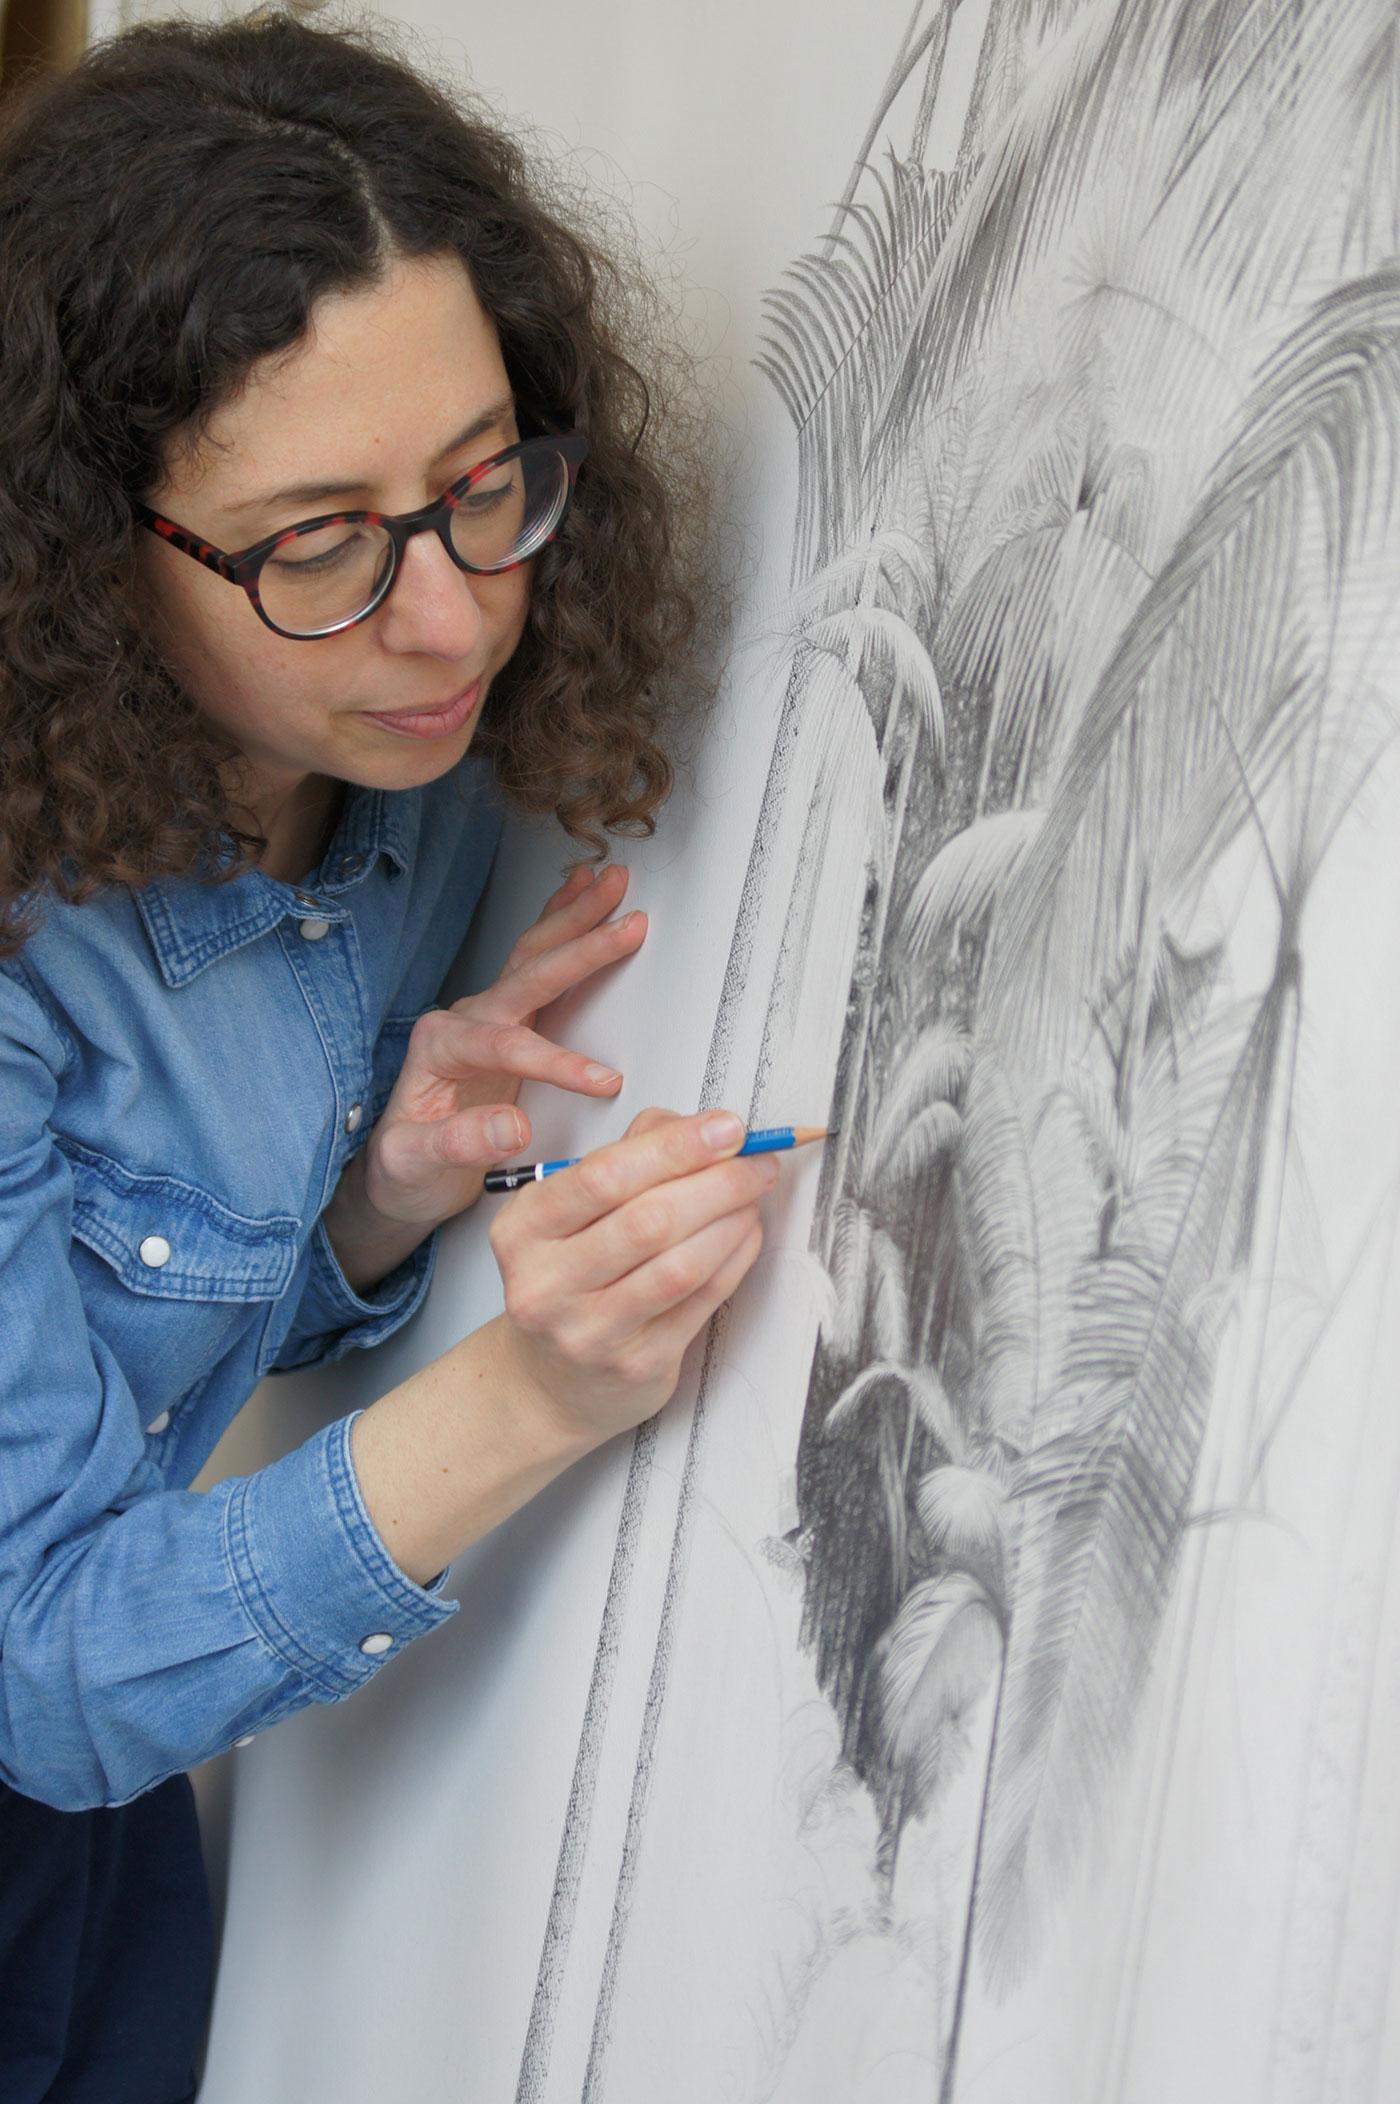 Judit Prieto